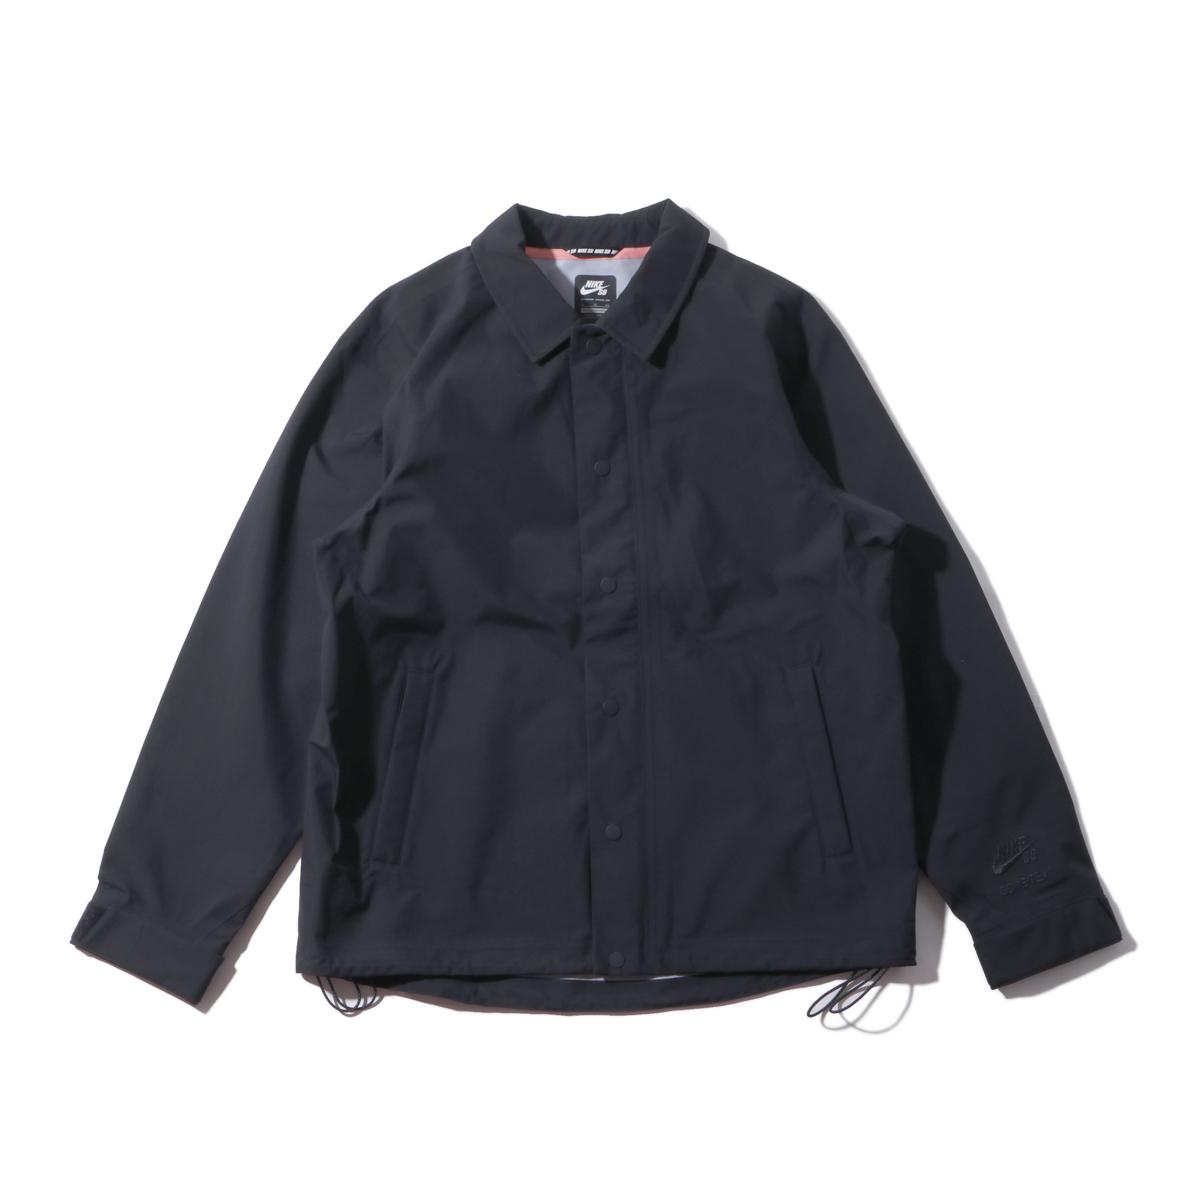 NIKE AS M NK SB JKT GORE BLACK(ナイキ SB ゴアテックス ブラック ジャケット)BLACK【メンズ ジャケット】17SP-I